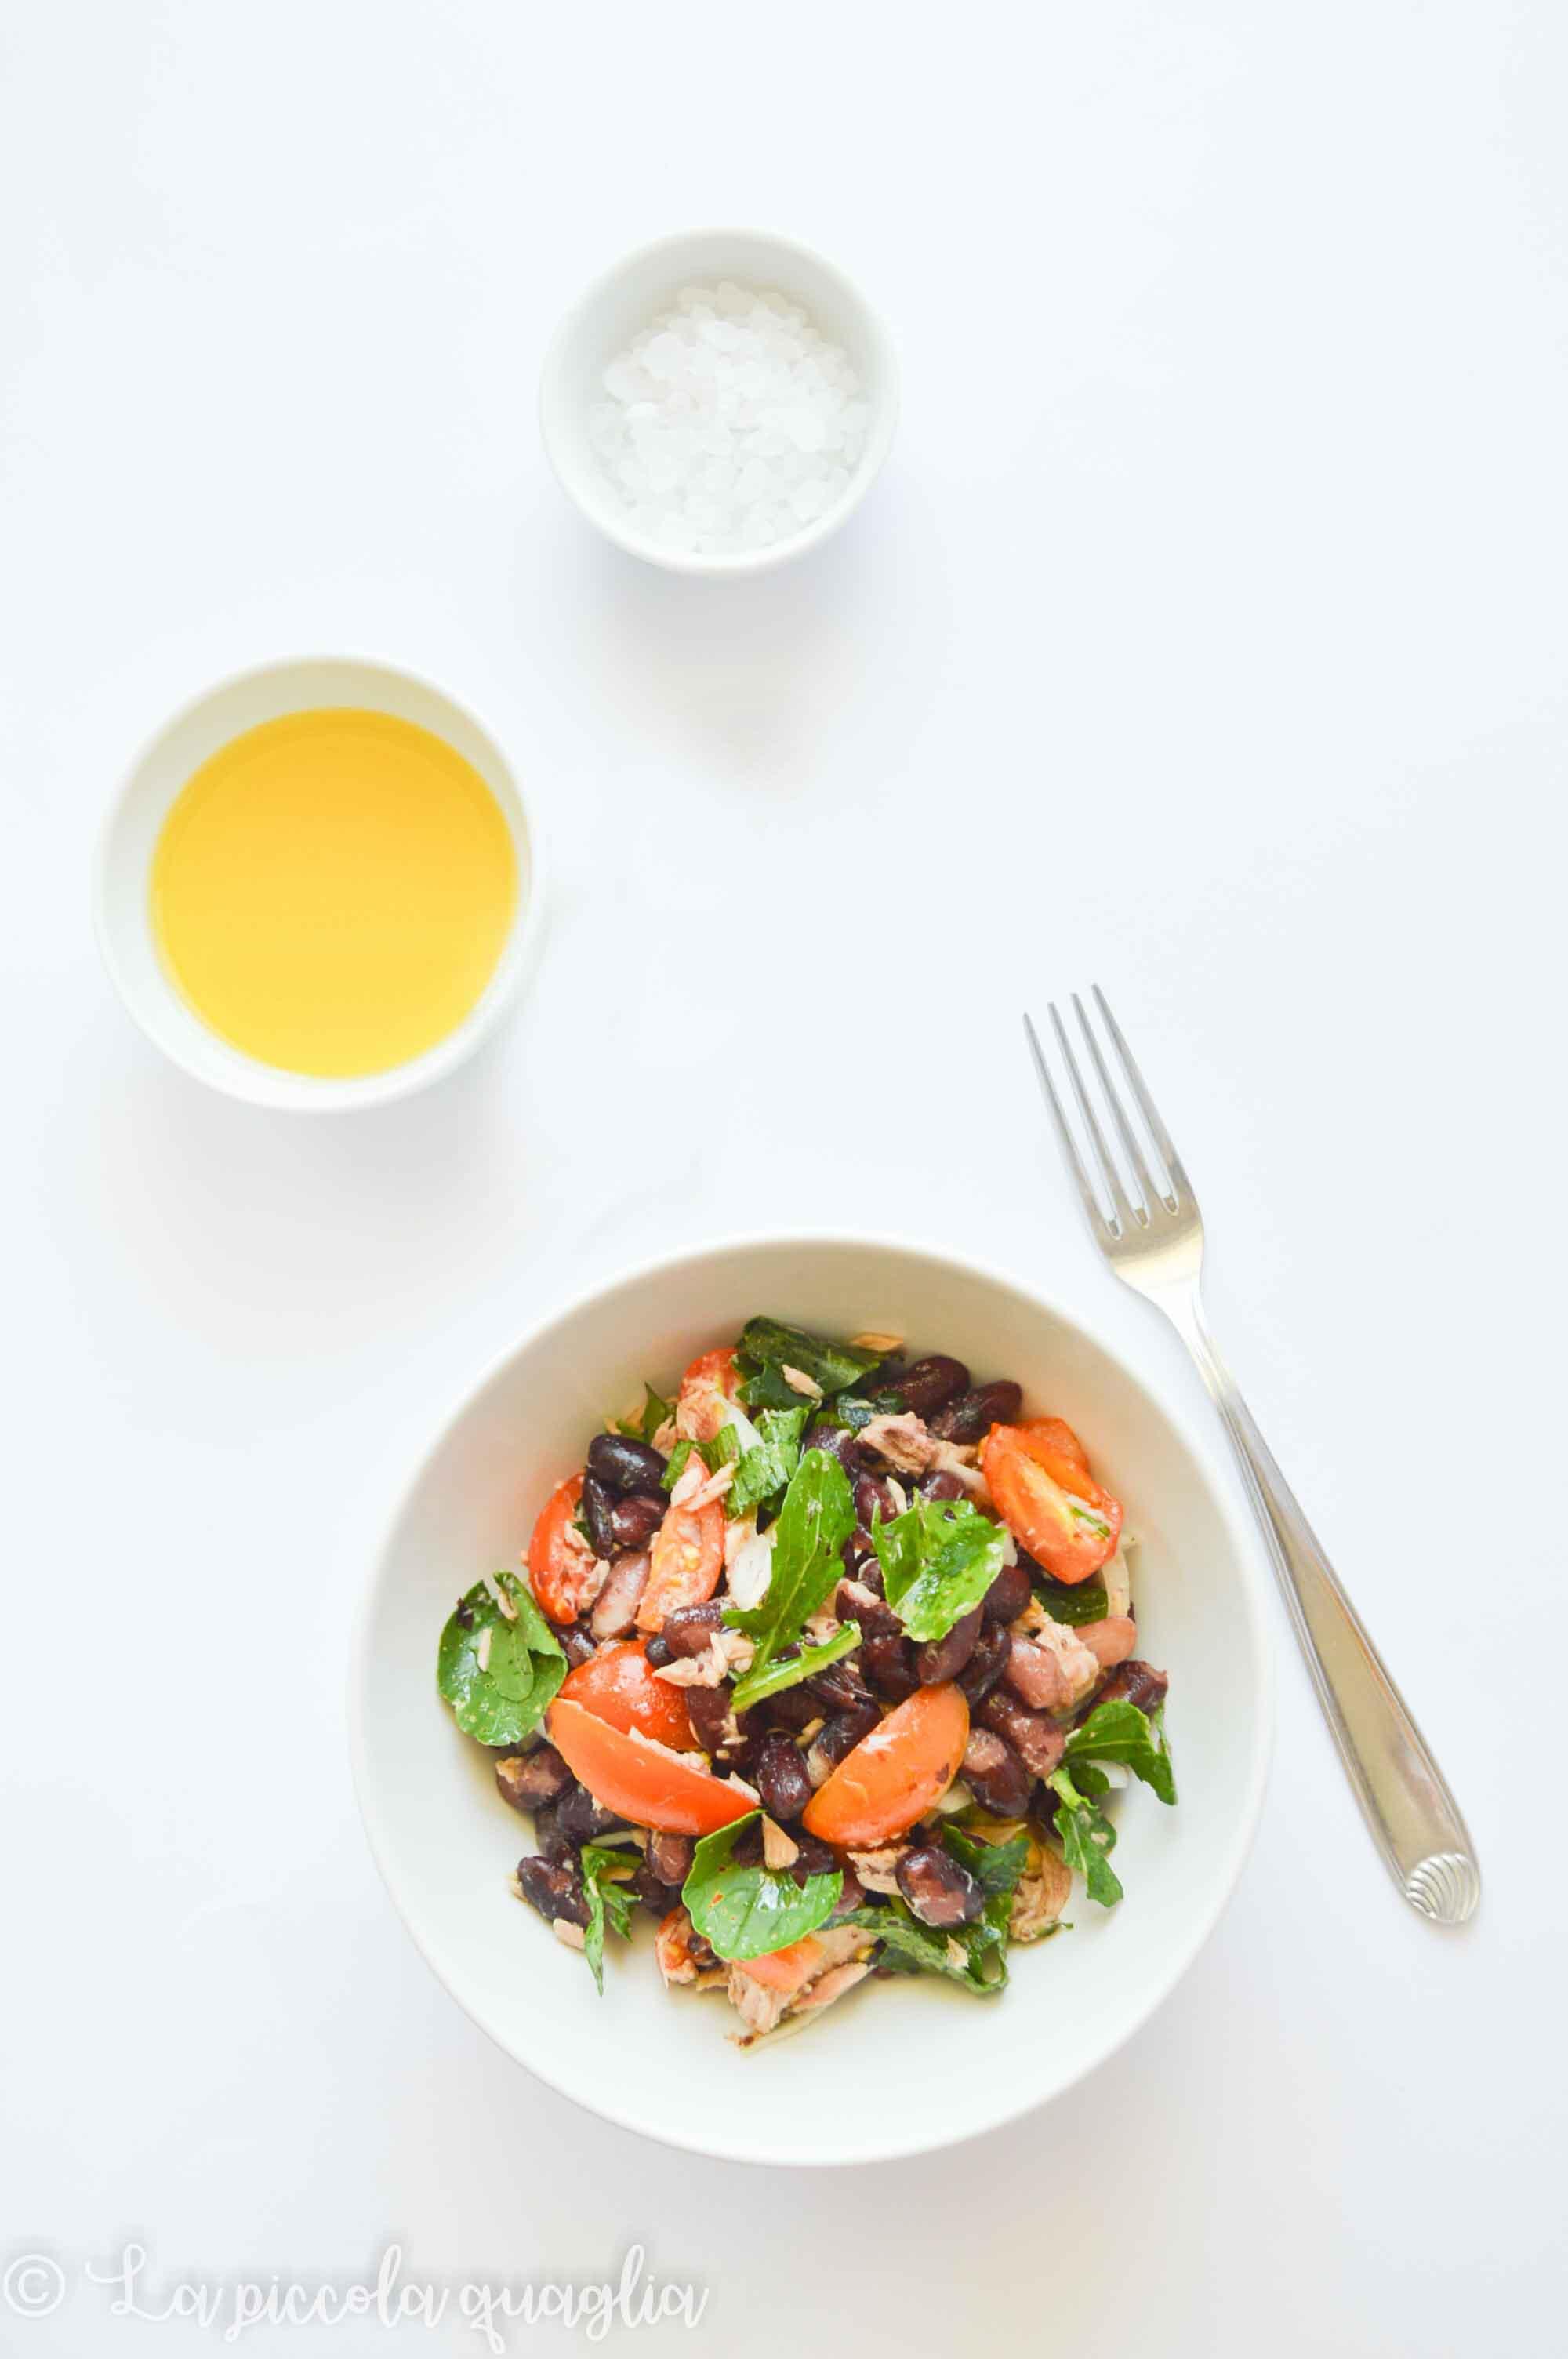 I menù fuori casa: insalata di fagioli